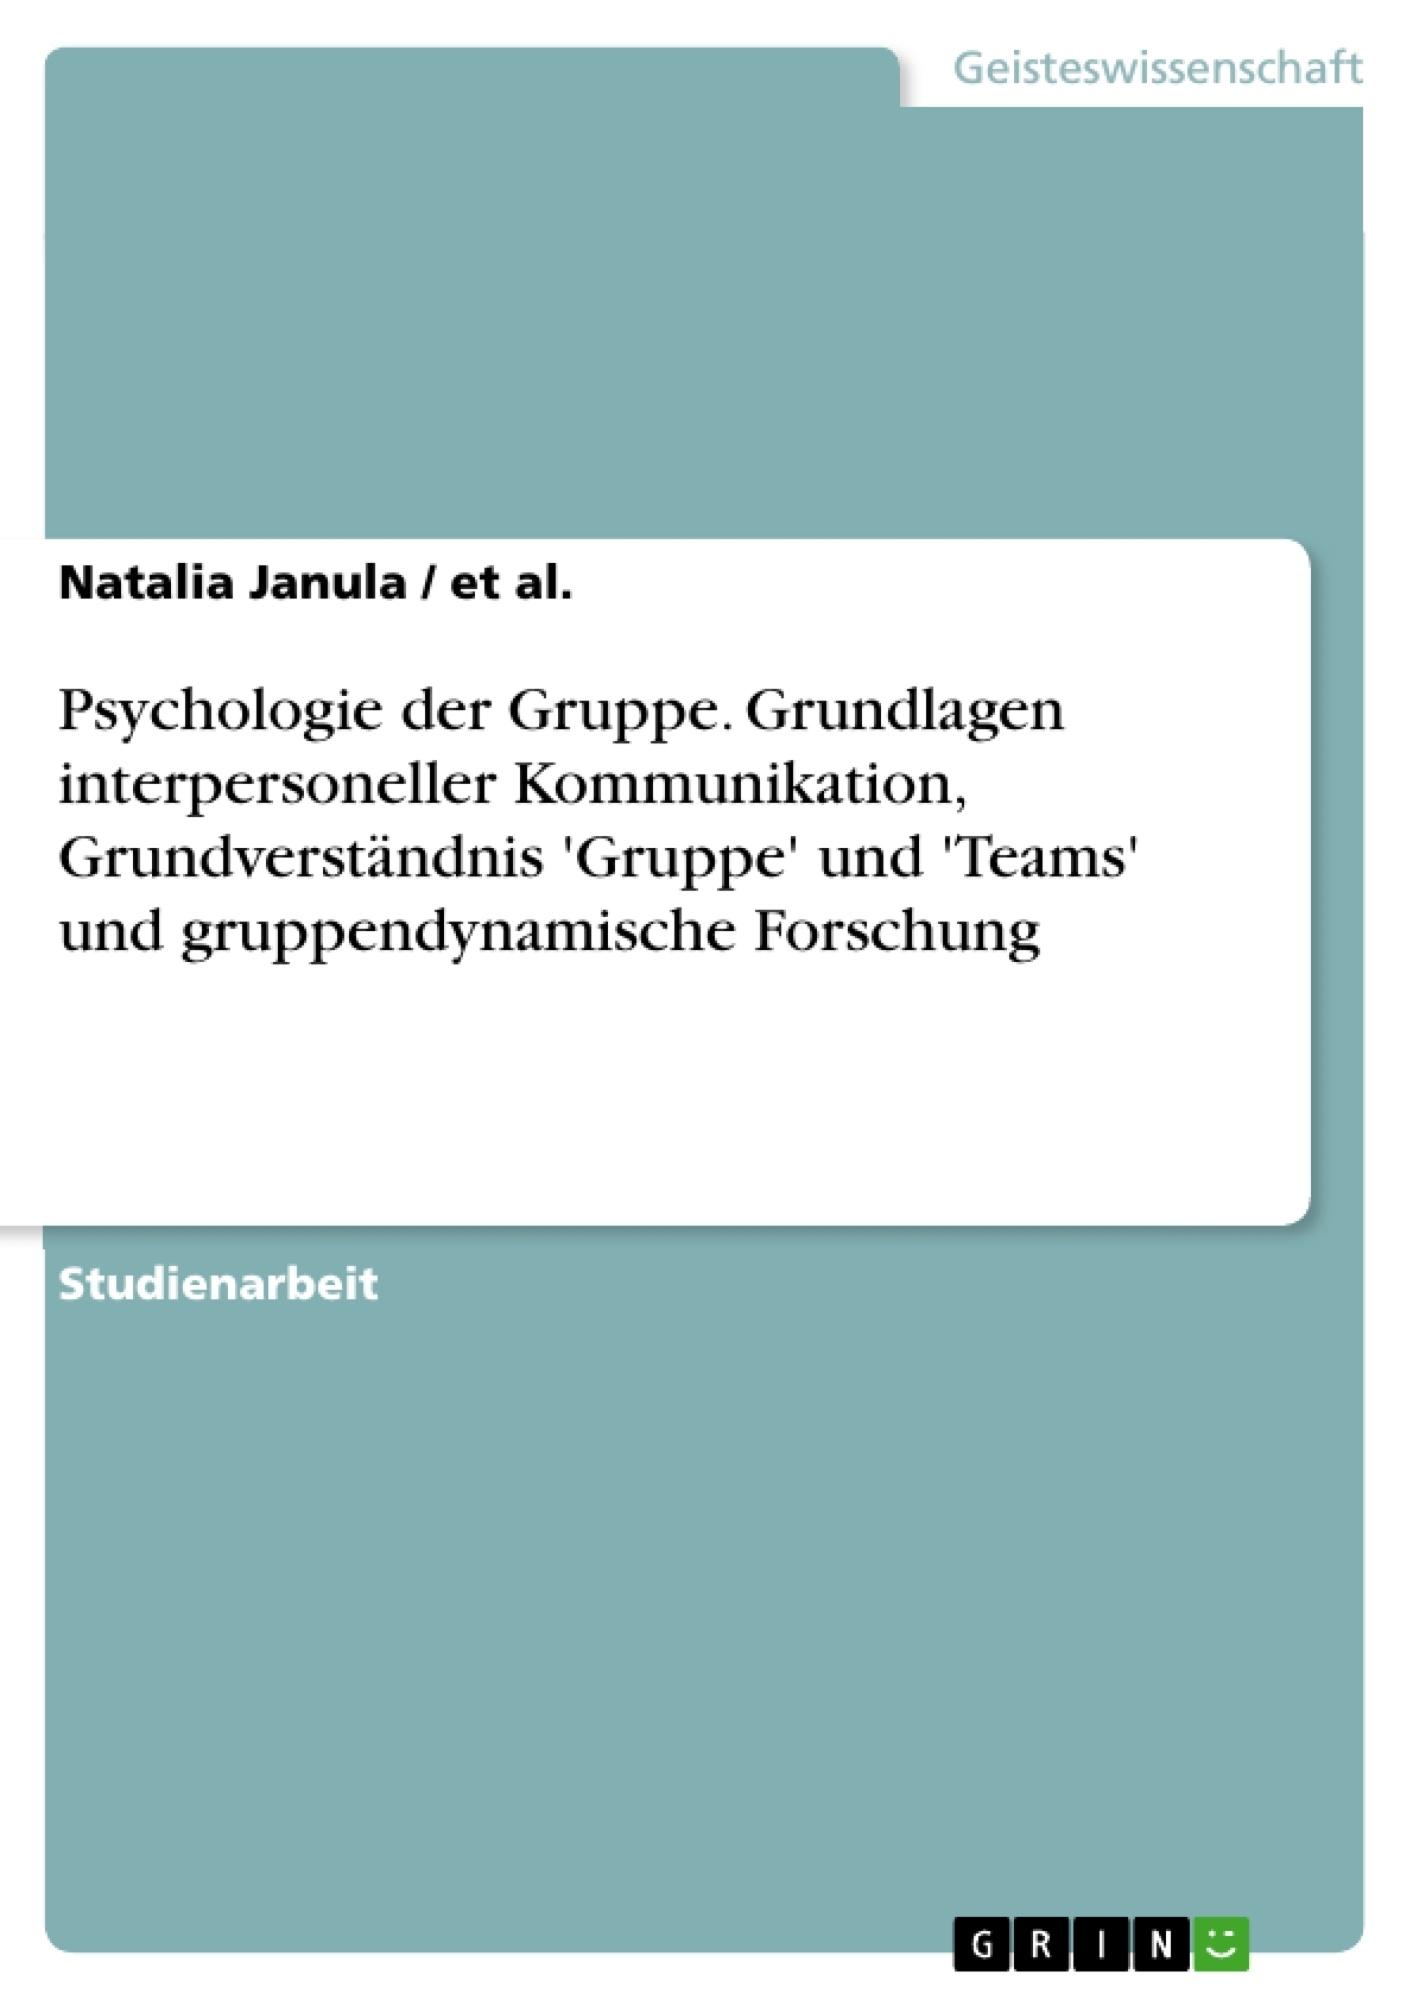 Titel: Psychologie der Gruppe. Grundlagen interpersoneller Kommunikation, Grundverständnis 'Gruppe' und 'Teams' und  gruppendynamische Forschung